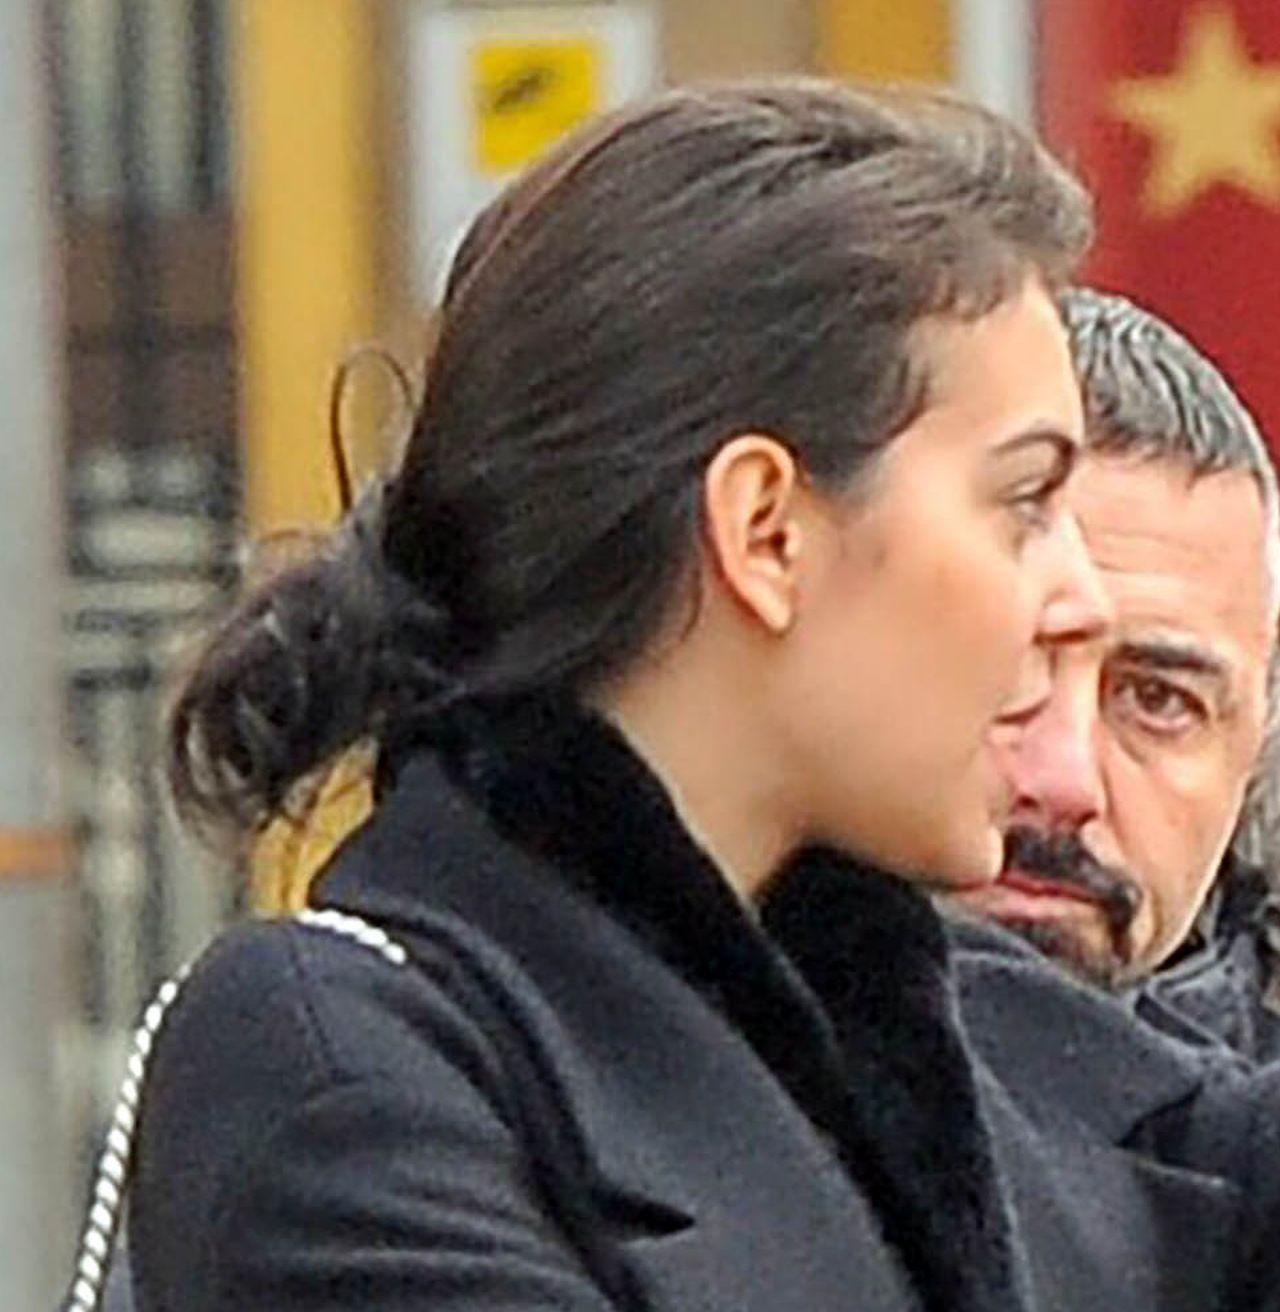 Dziewczyna Cristiano Ronaldo rozczochrana i bez makijażu kupuje bieliznę ZDJĘCIA